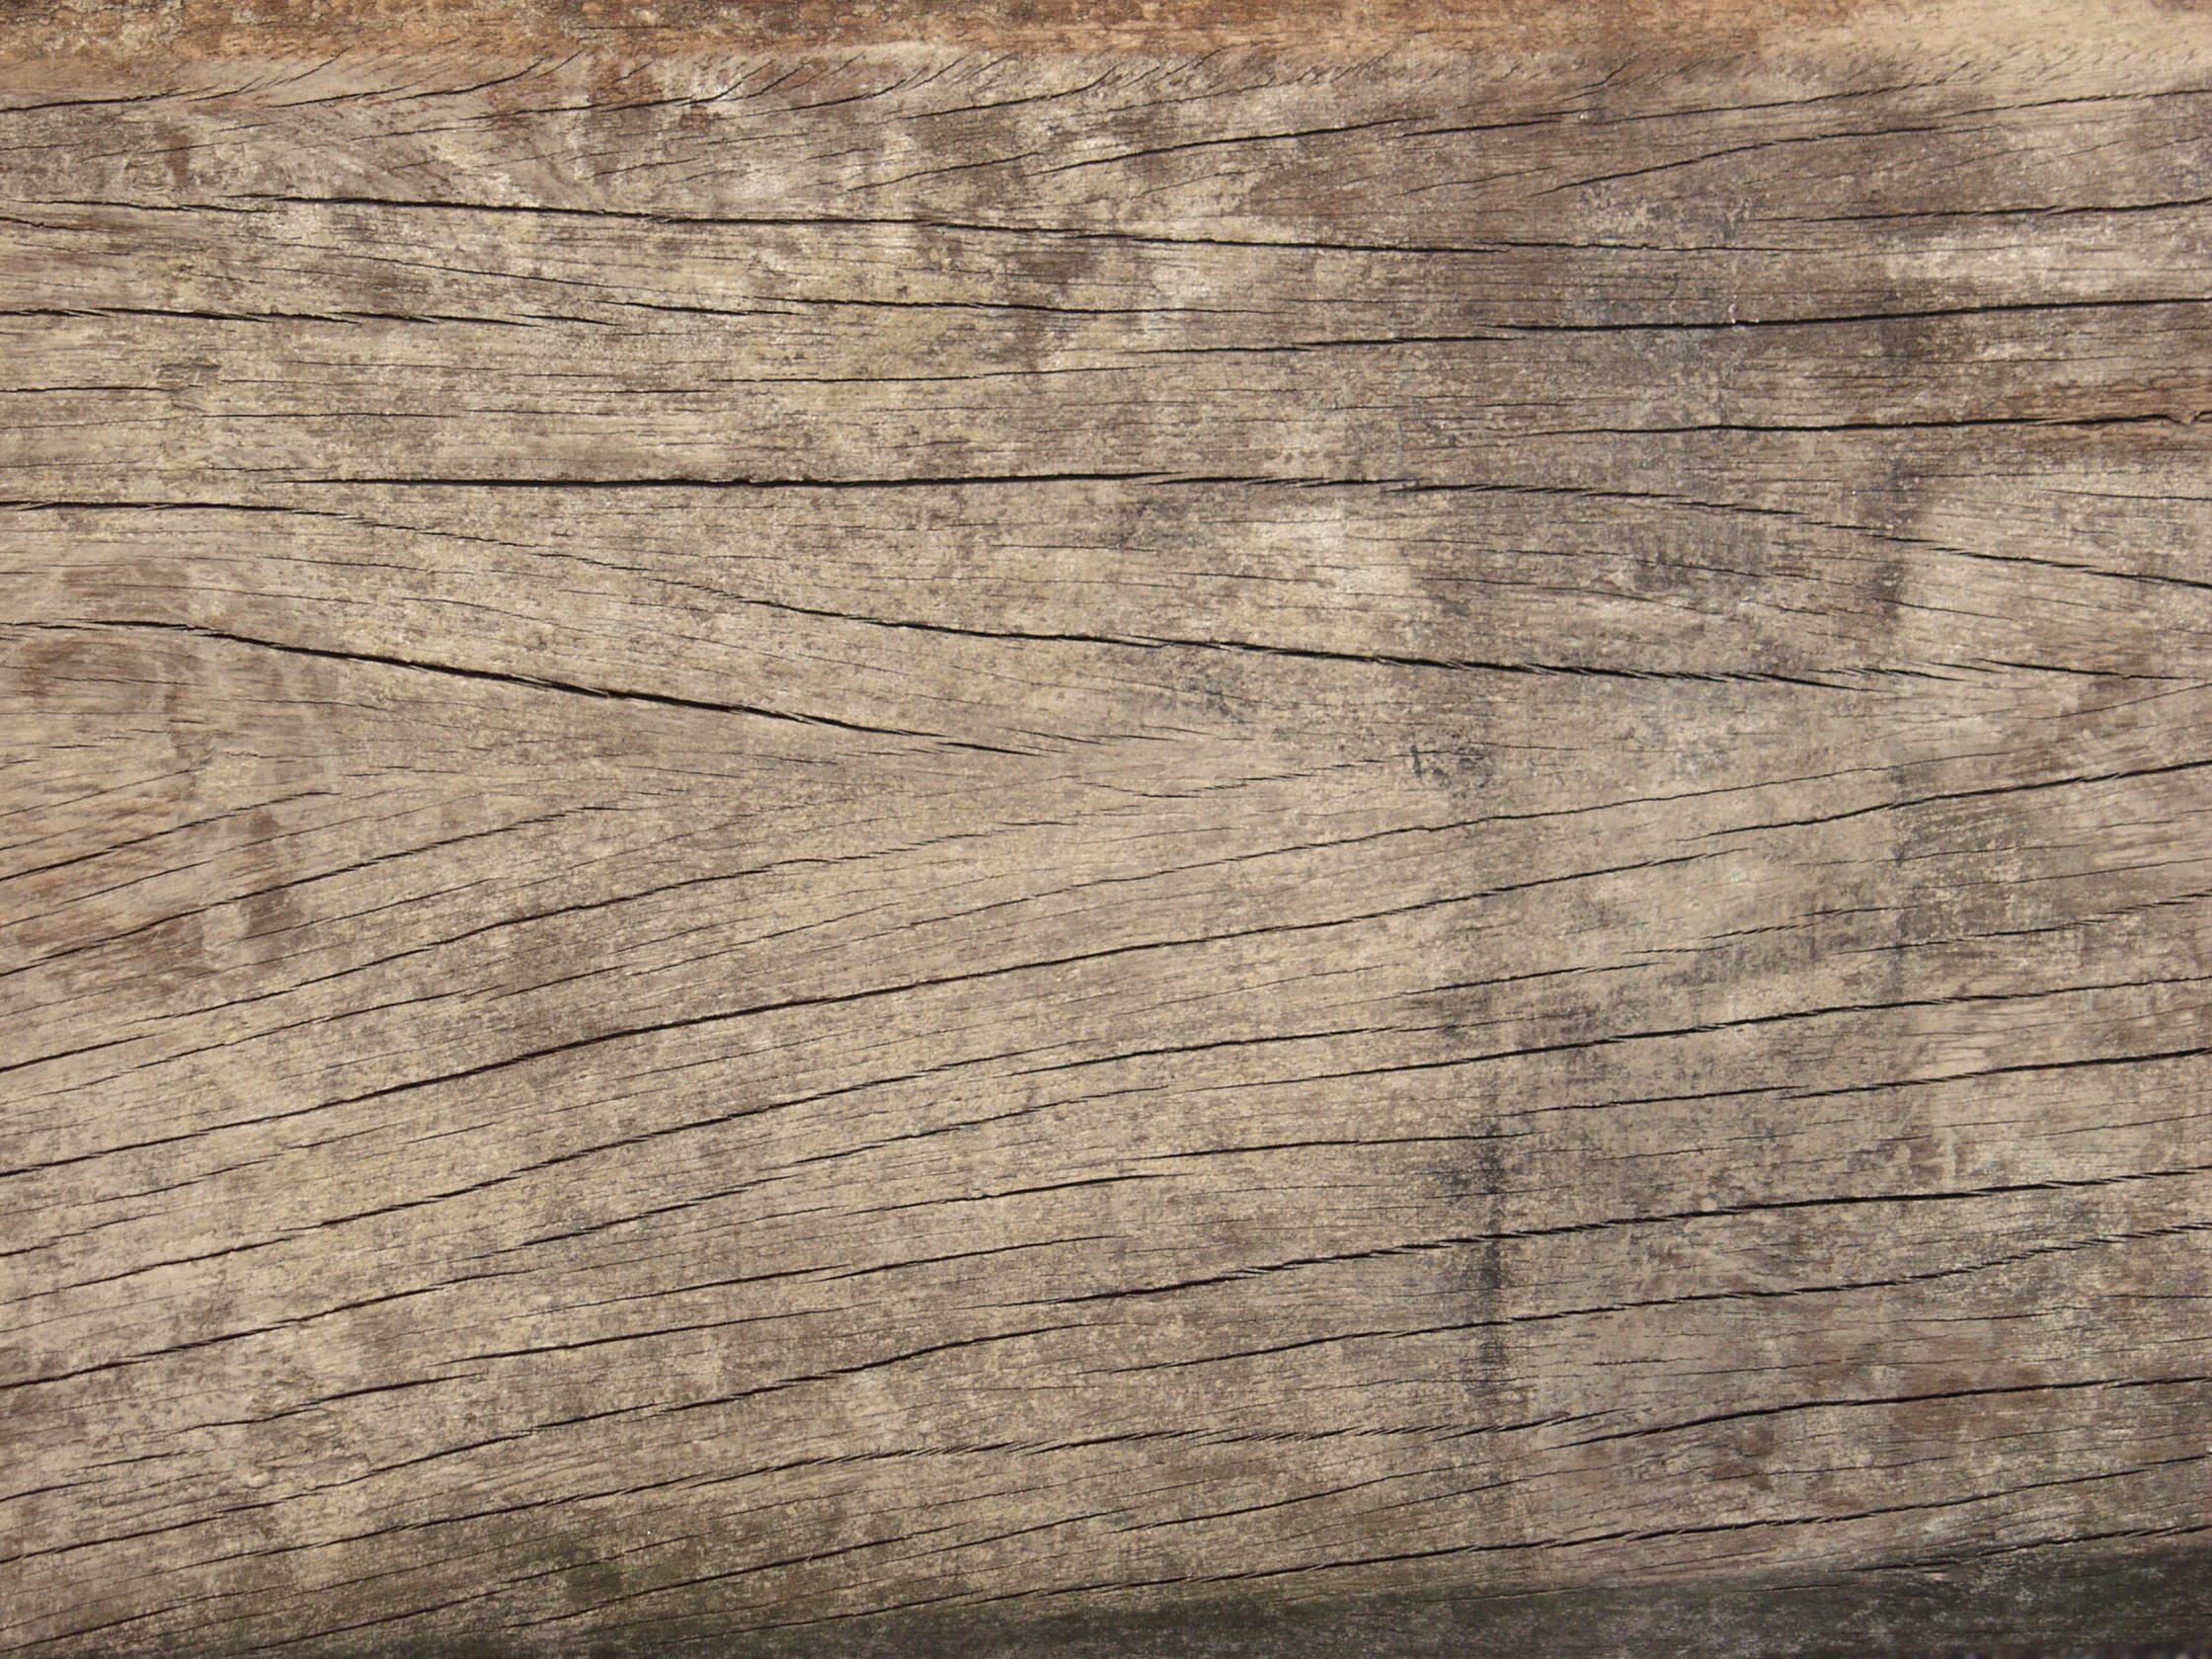 木材-残旧木(80)